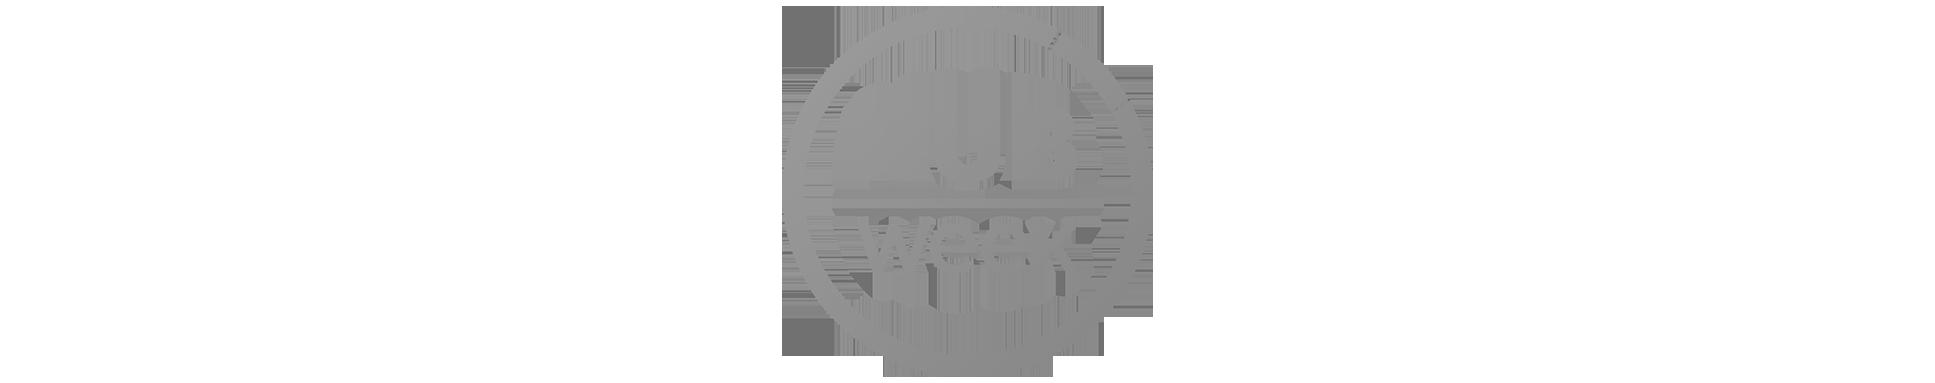 hubweek-bw